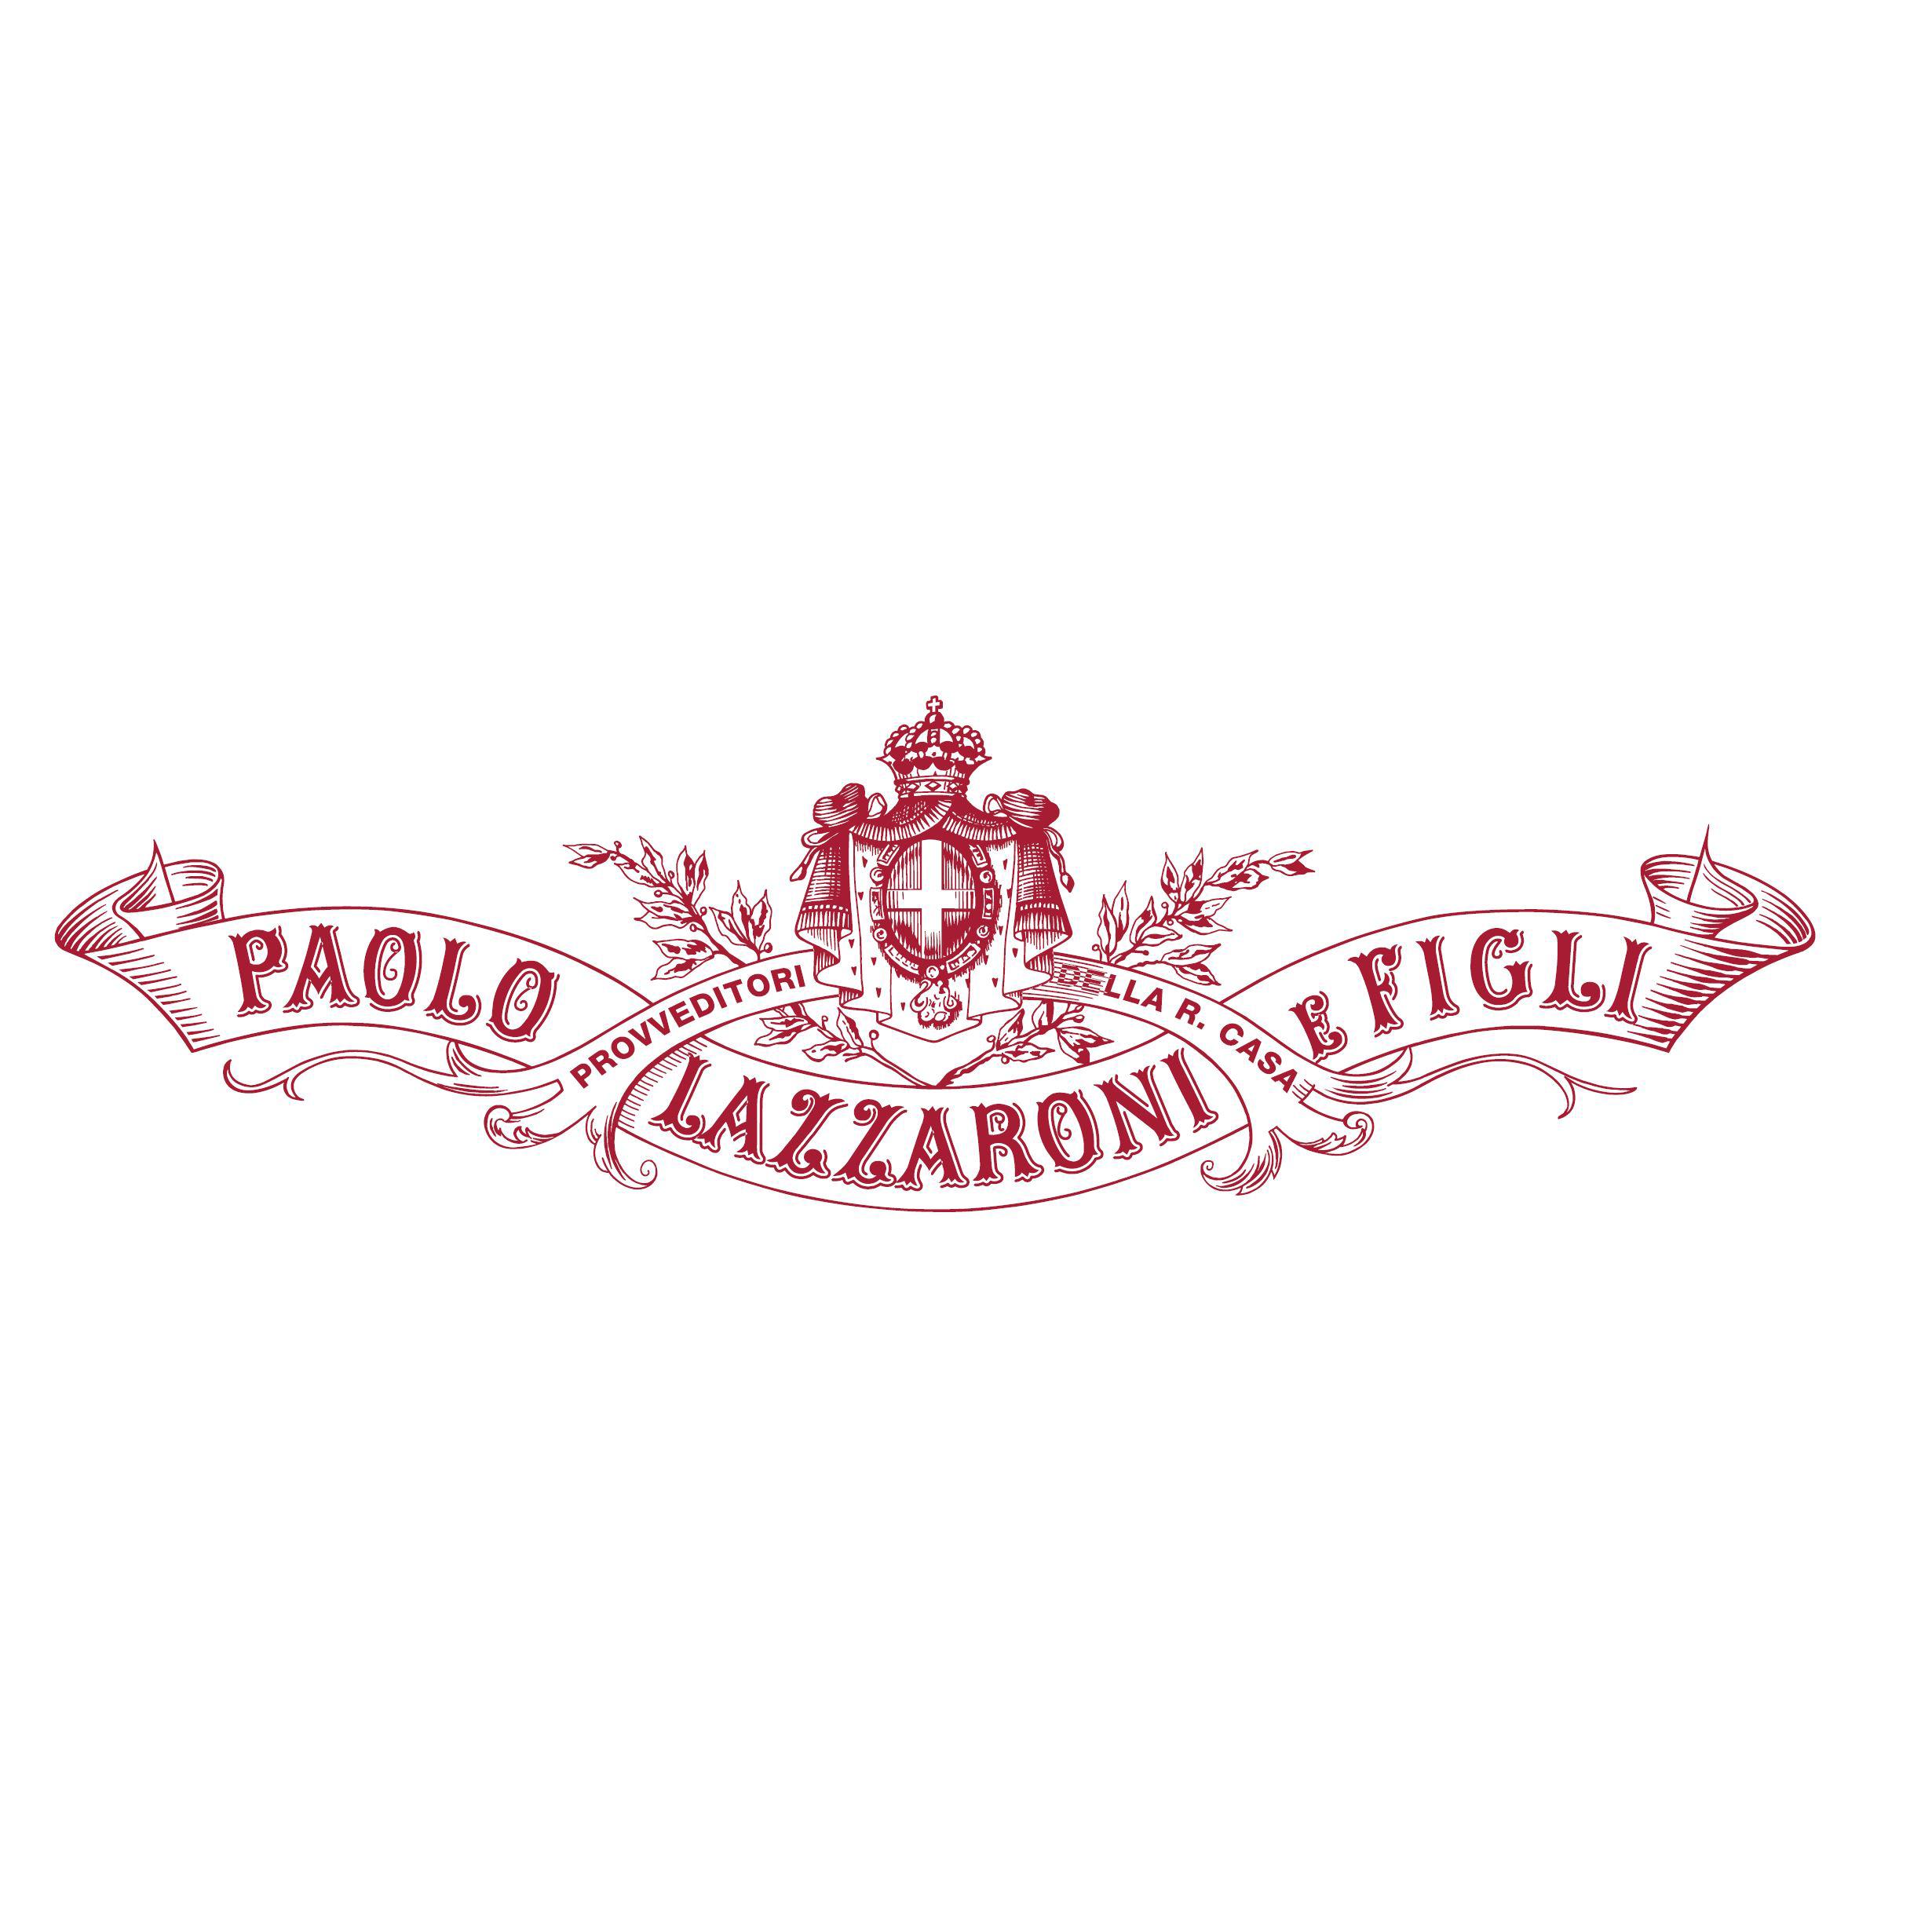 Amaretti biscuits tasty snack/ dessert/Confectionary/, Italy, Brand-Chef,Paolo Lazzaroni&Figli Spa